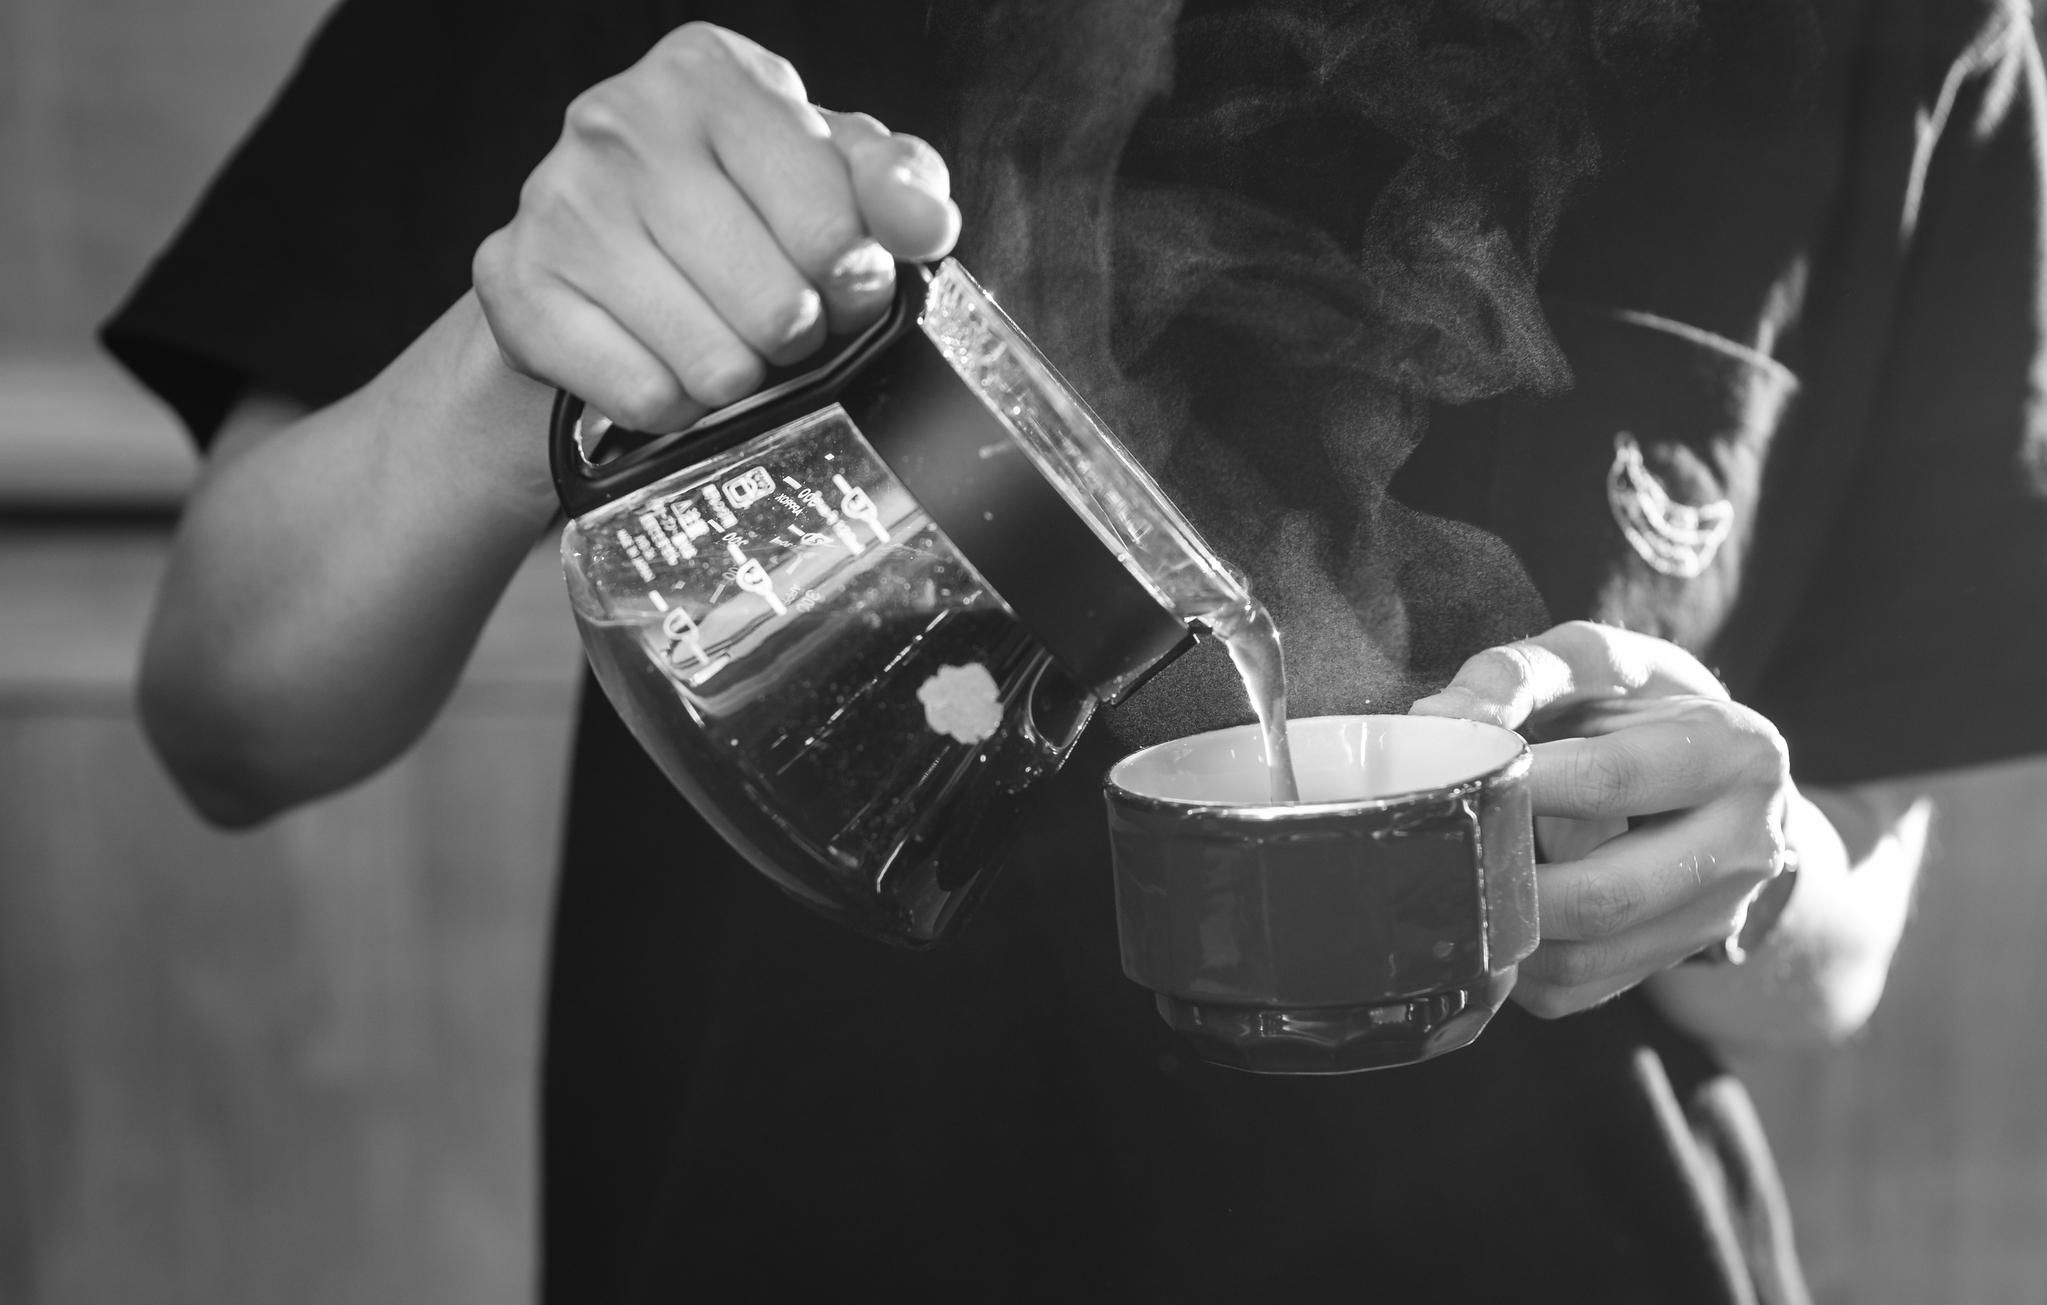 한 잔의 커피를 따르는 일, 그녀에겐 에너지를 더하는 일이다.